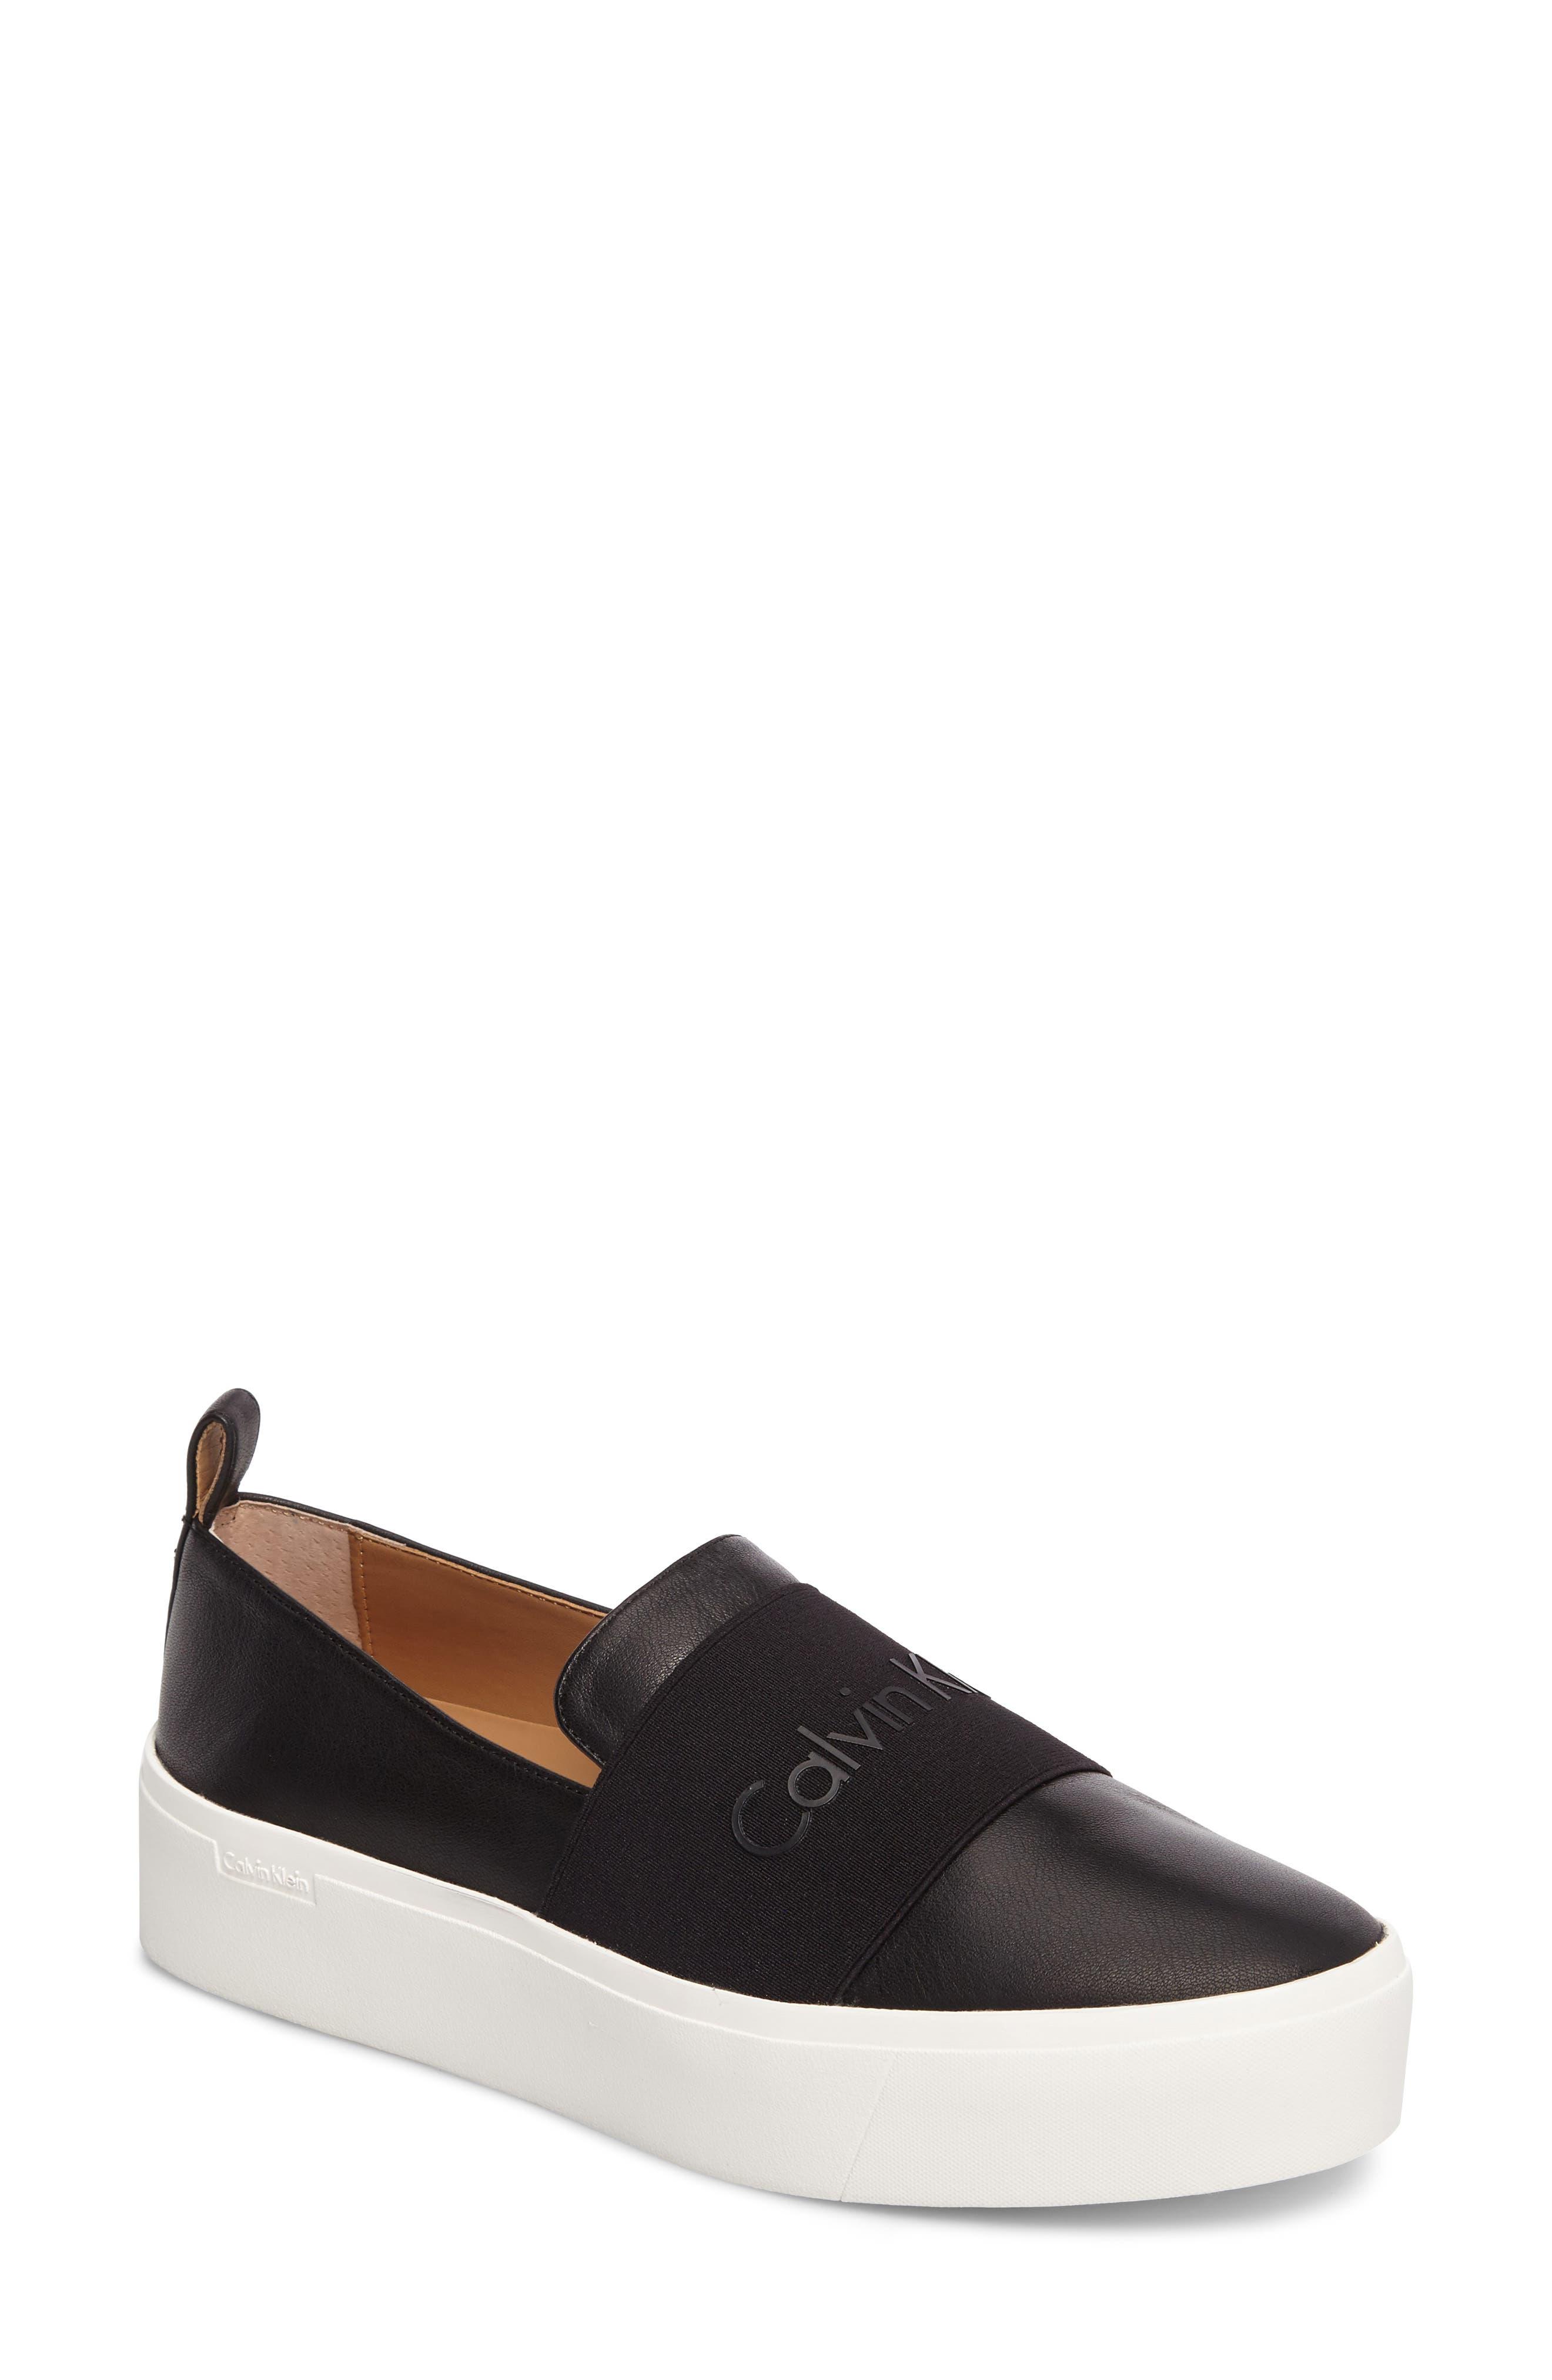 Jacinta Platform Sneaker,                             Main thumbnail 1, color,